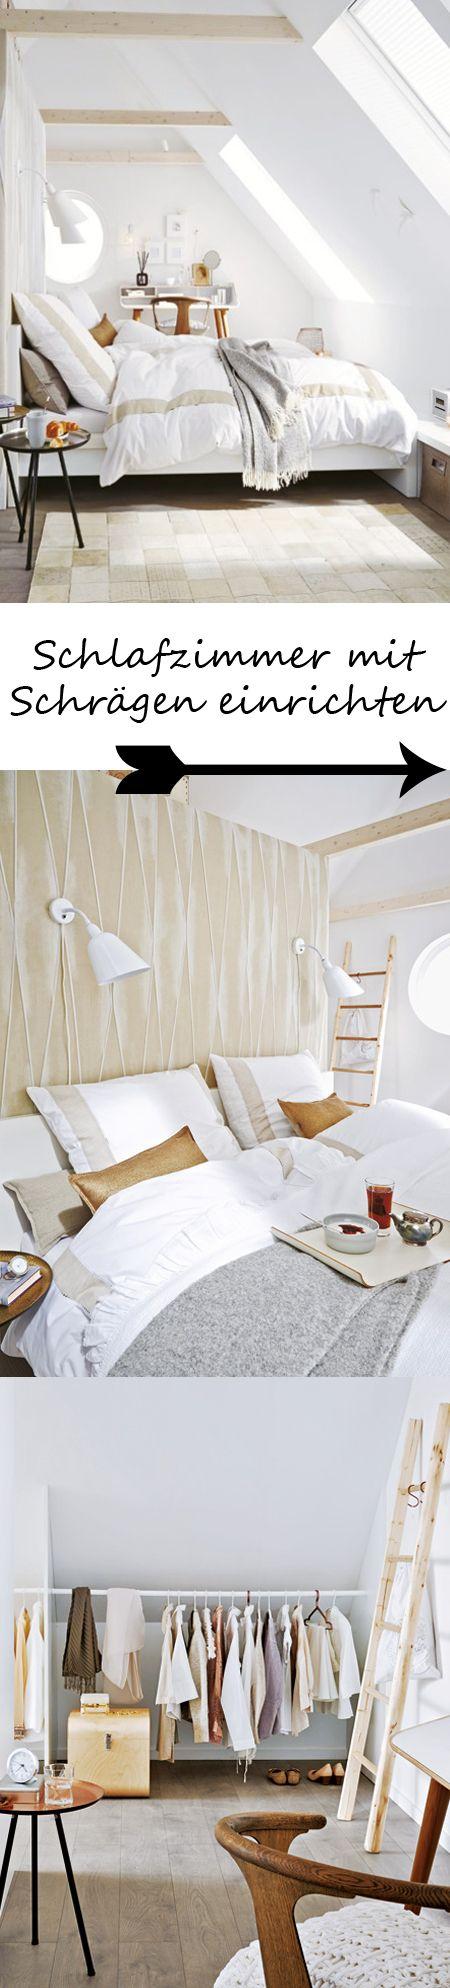 Unterm Dach: Schlafzimmer mit Schrägen einrichten | Schlafzimmer ...